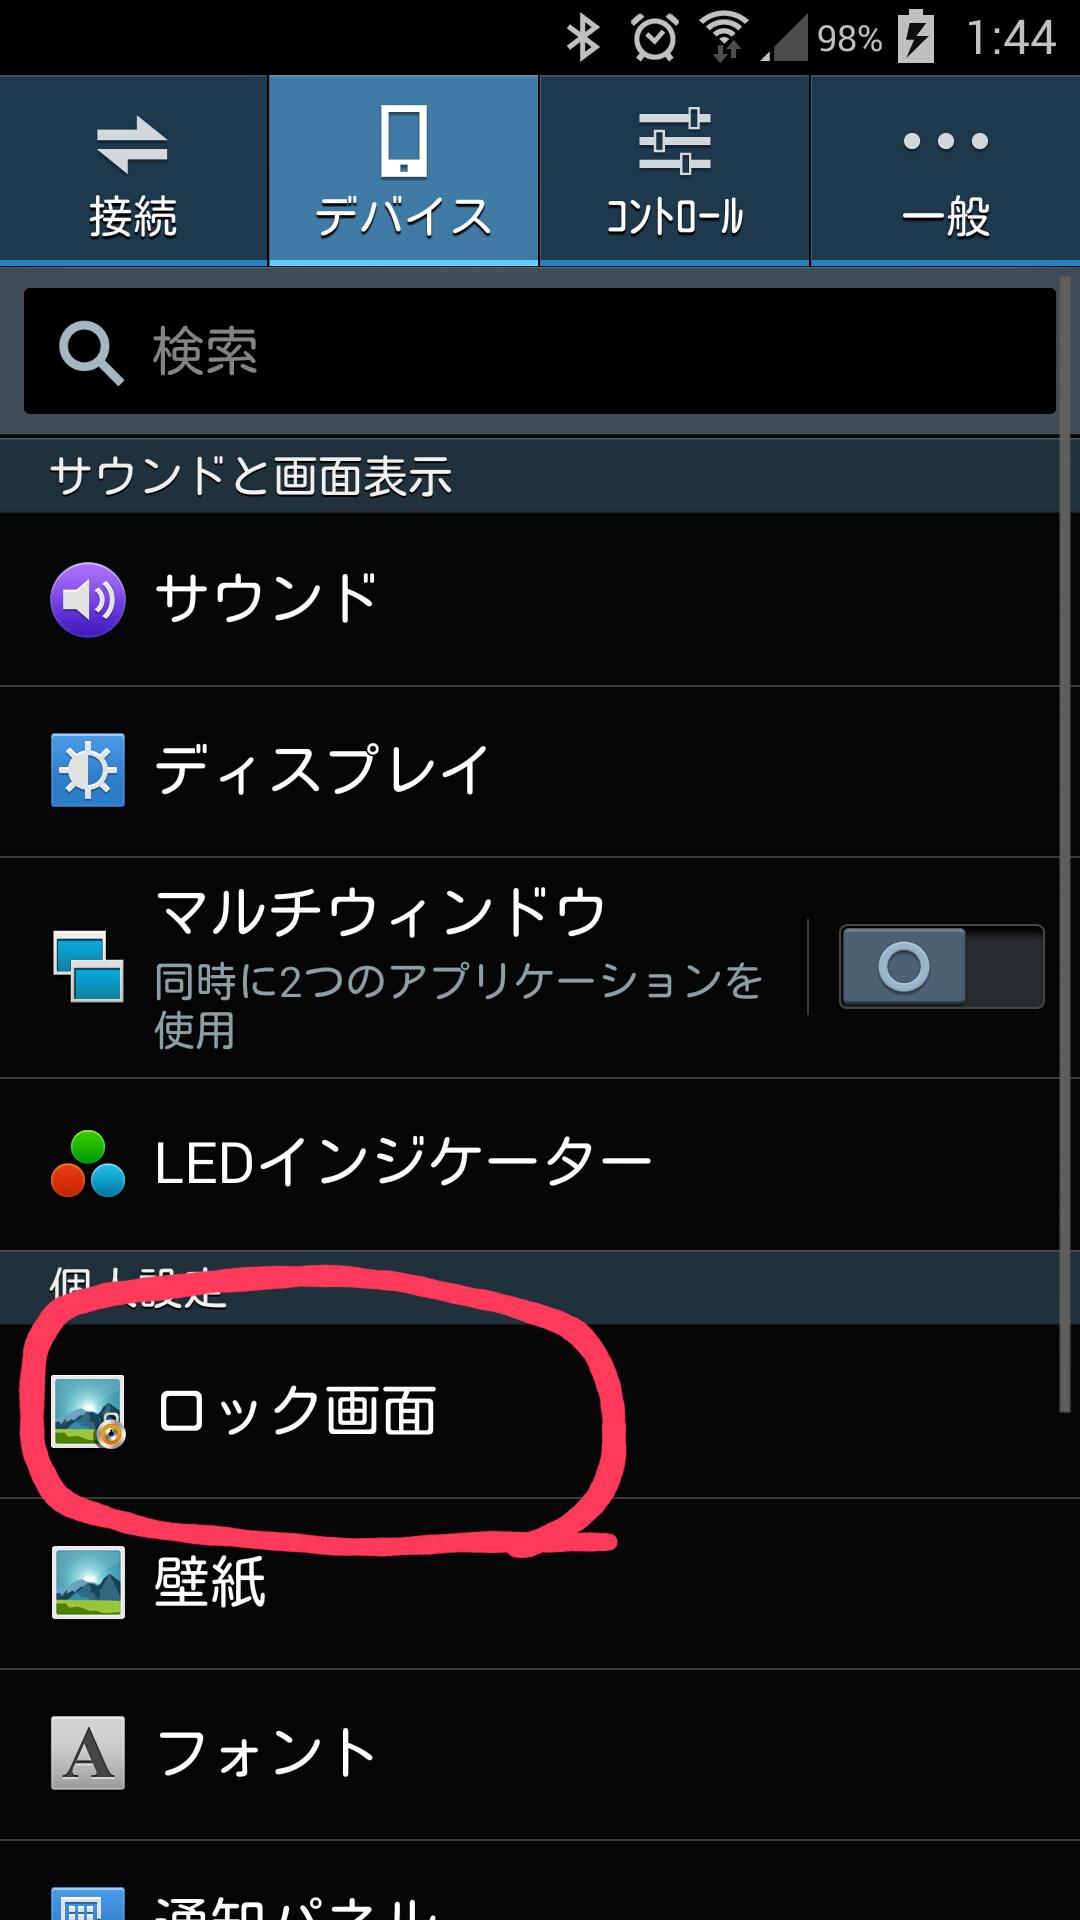 Galaxy Note 3 の画面ロック設定で Pin パスワードしか使えなくなっ